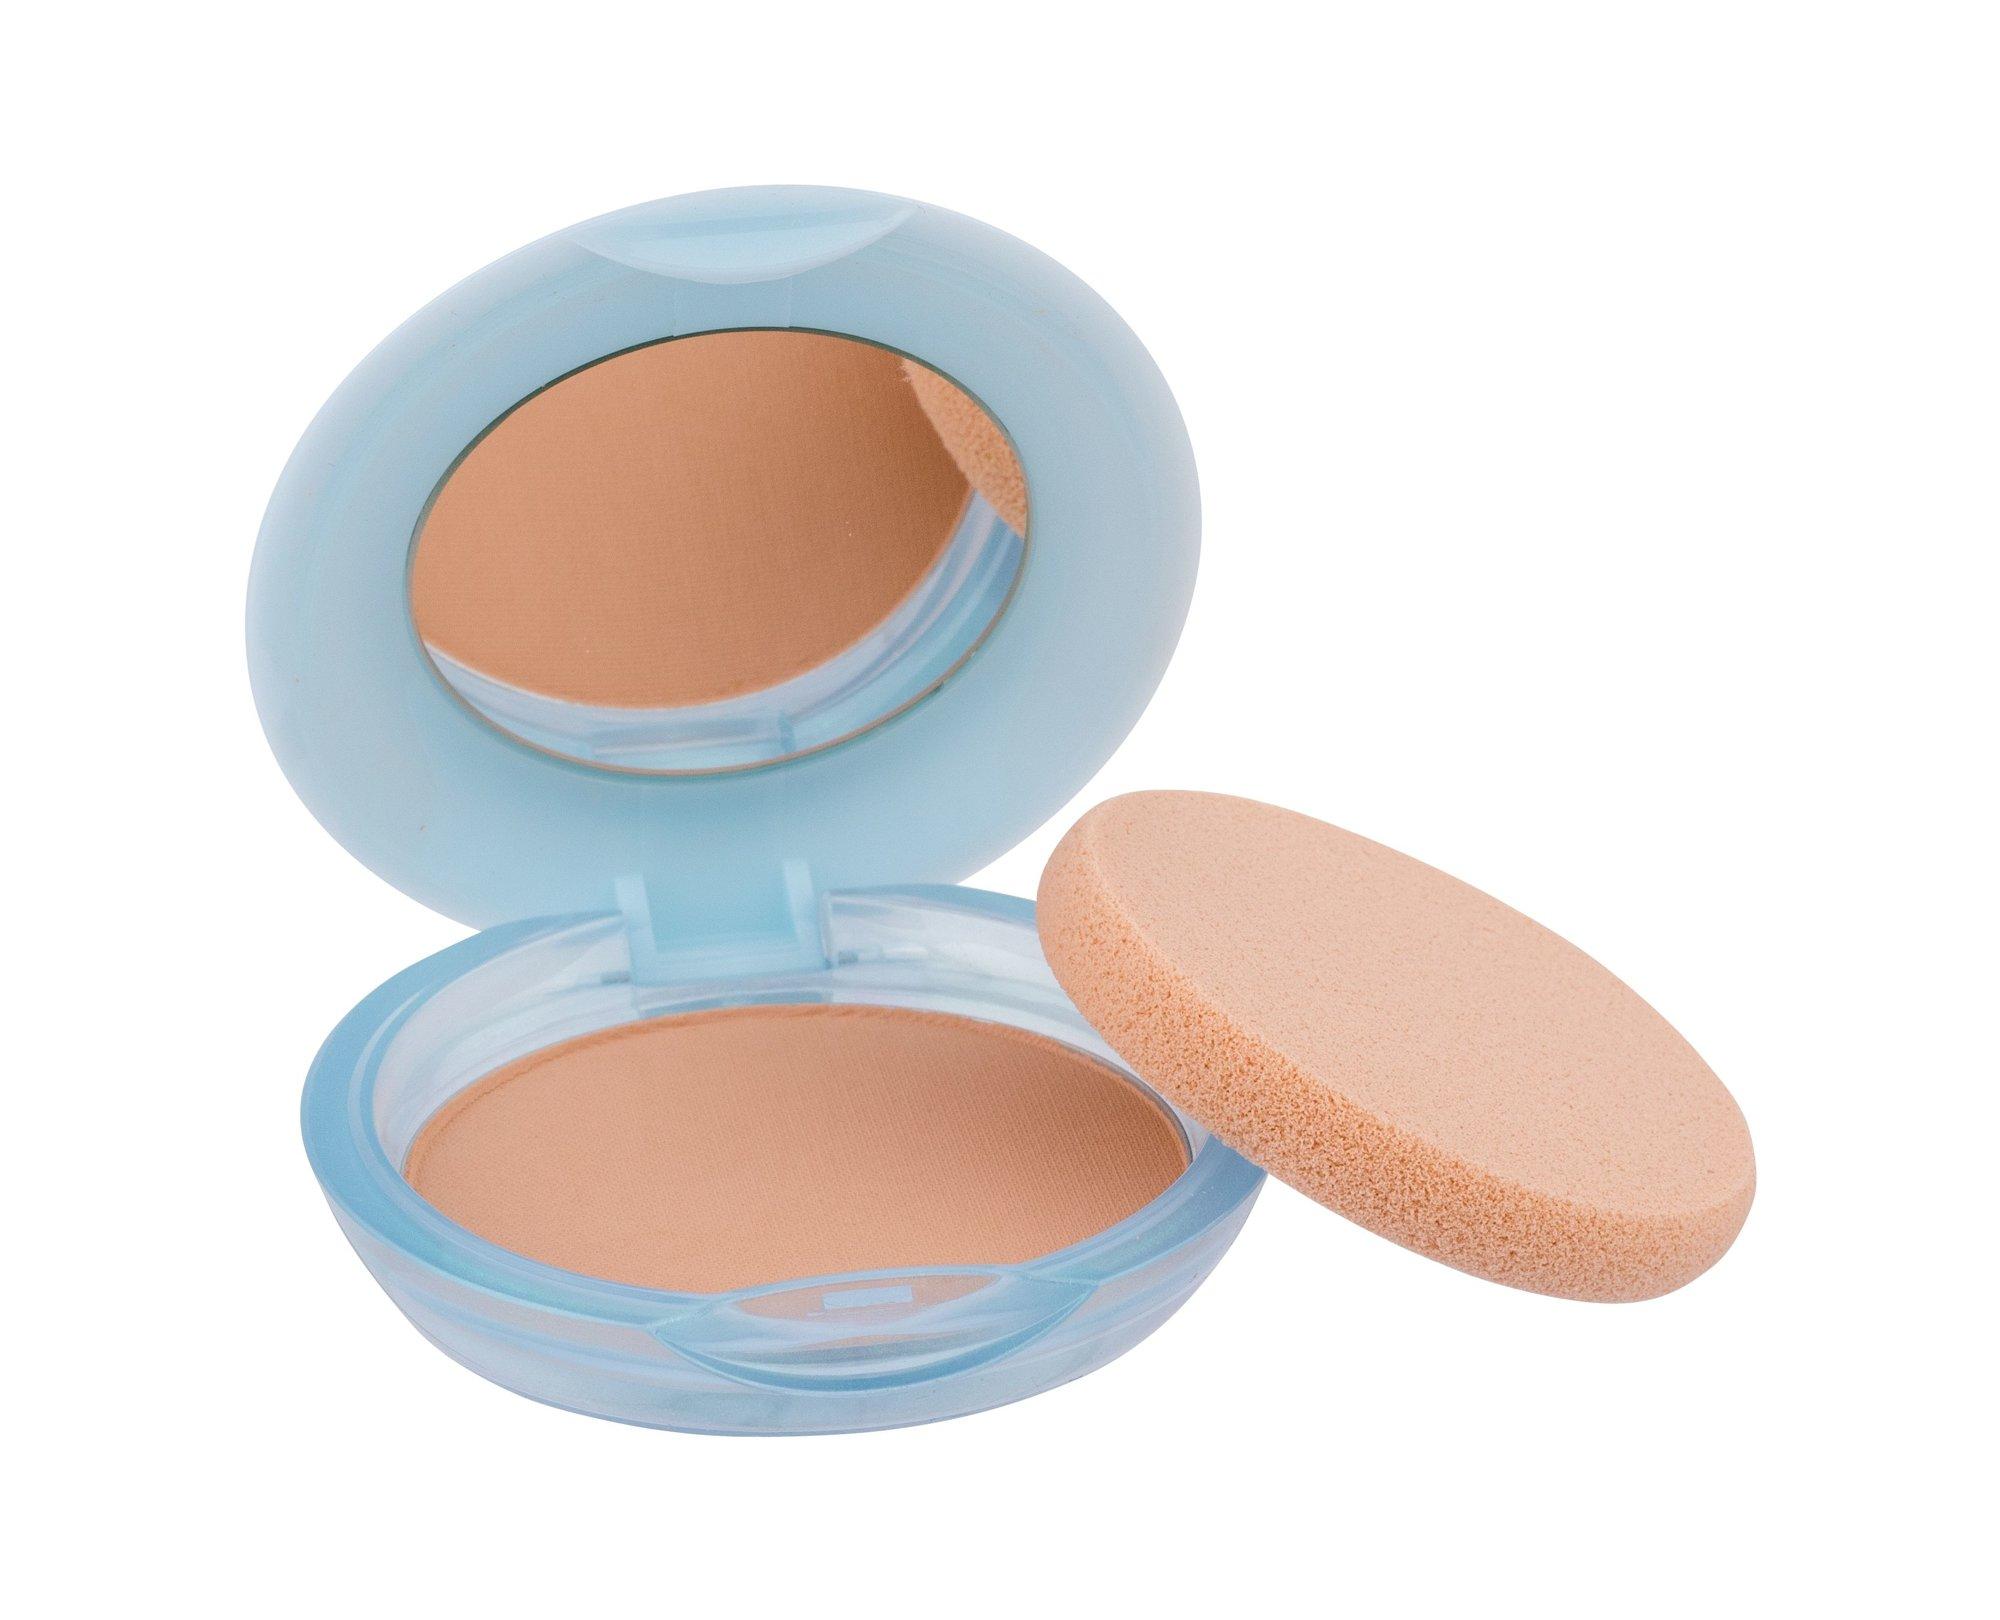 Shiseido Pureness Cosmetic 11ml 20 Light Beige